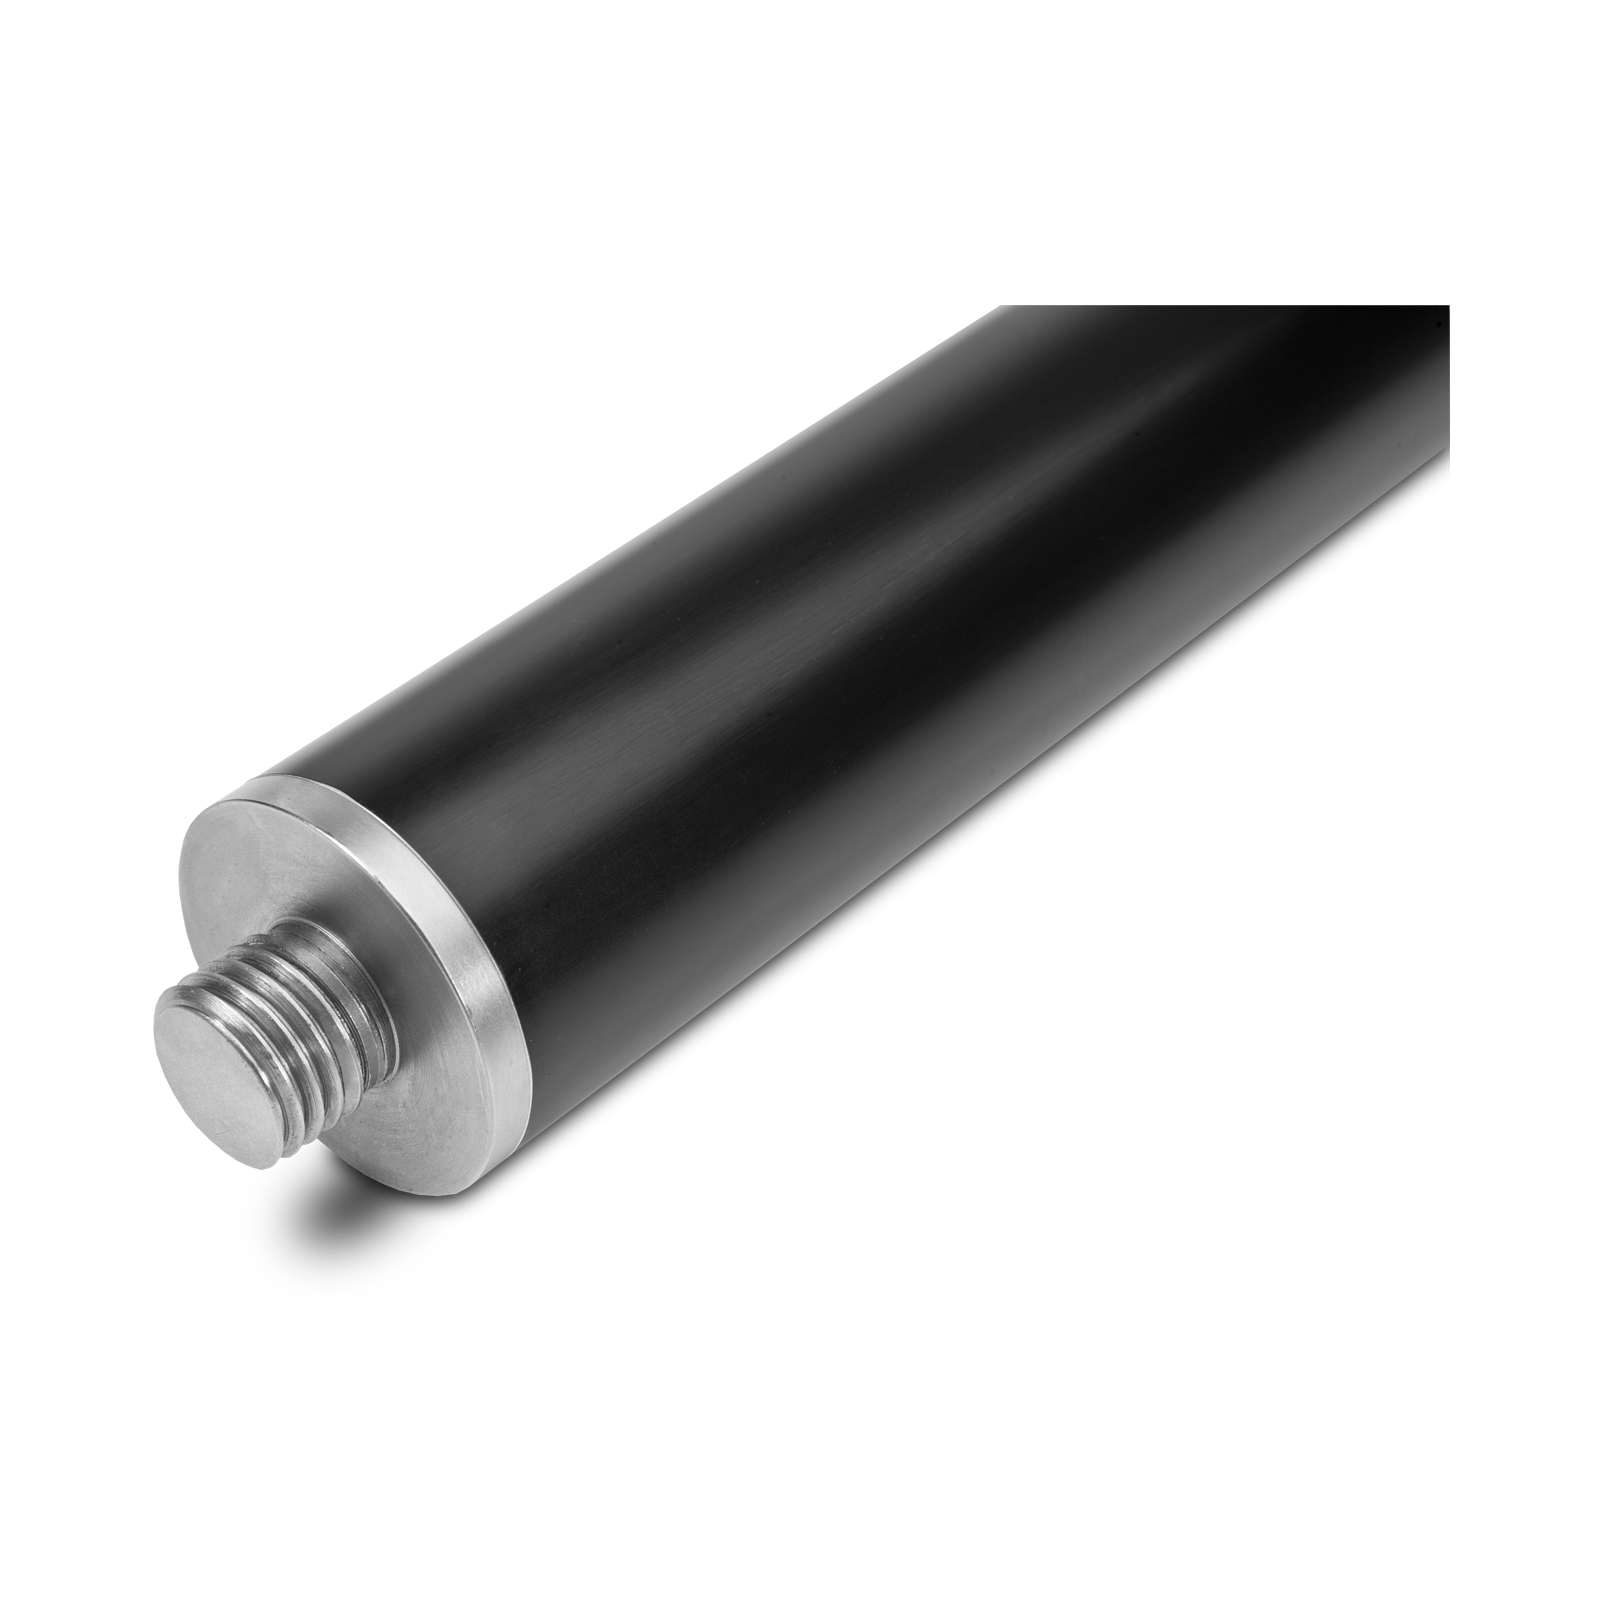 JBL Speaker Pole (Manual Assist) - Black - Manual Adjust Speaker Pole with M20 Threaded Lower End, 38mm Pole & 35mm Adapter - Detailshot 2